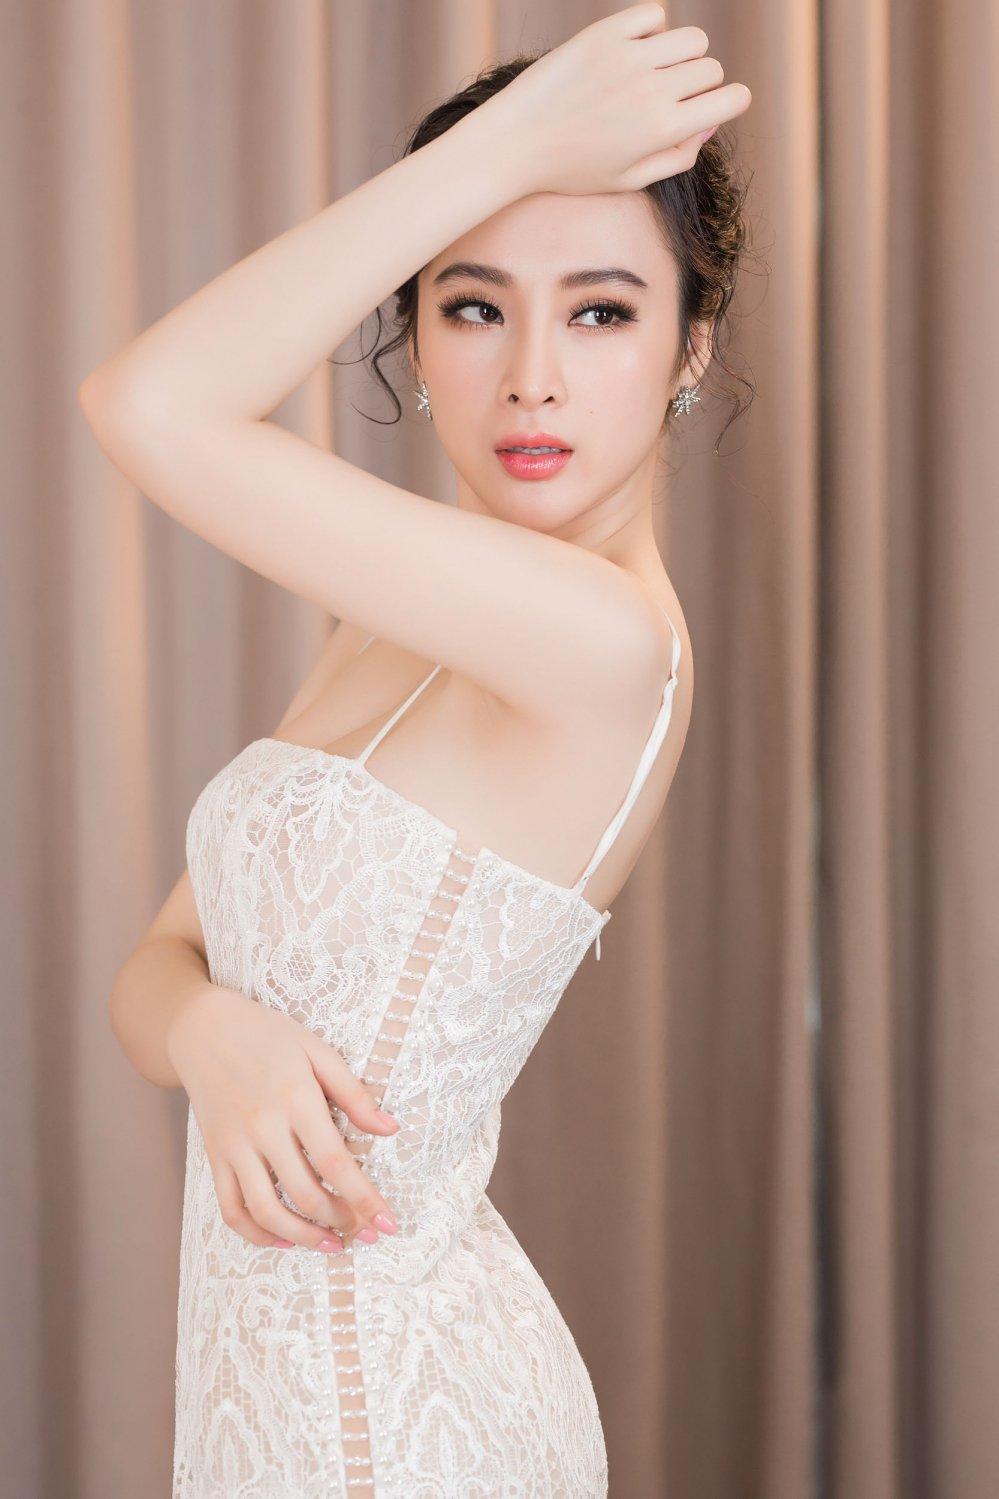 Angela Phuong Trinh tao bao khong noi y, khoe da trang quyen ru hinh anh 6